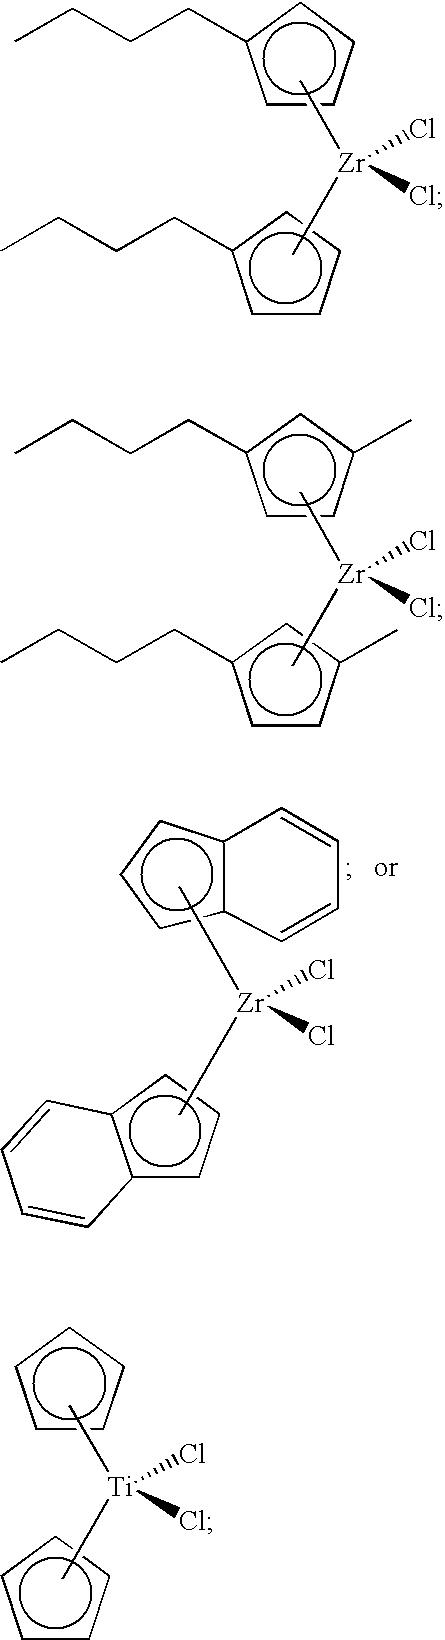 Figure US07884163-20110208-C00018